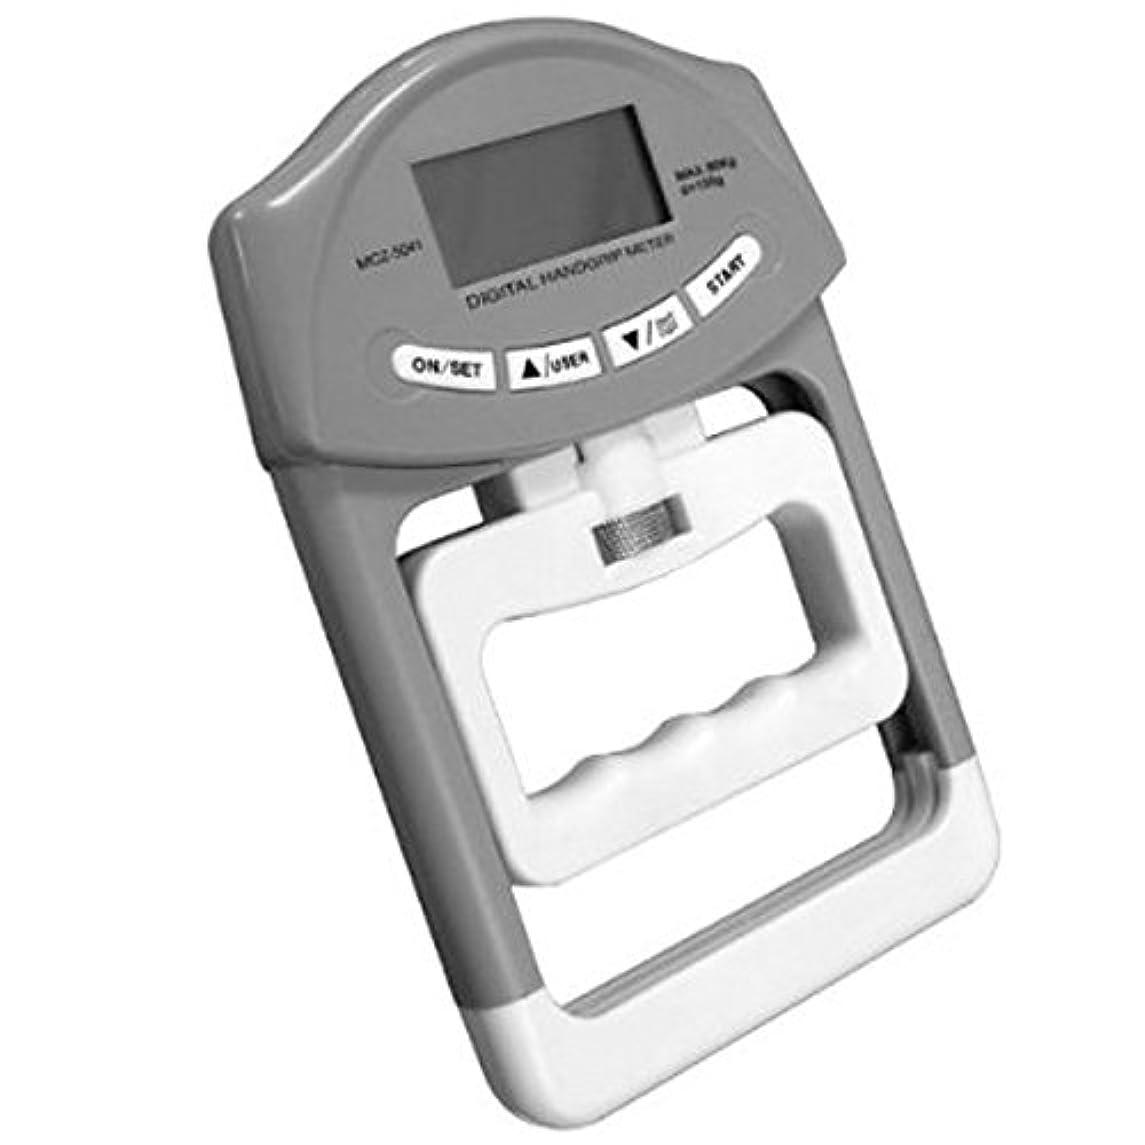 些細な涙持っているSTARDUST デジタル握力計 デジタルハンドグリップ SD-VCZ-5041